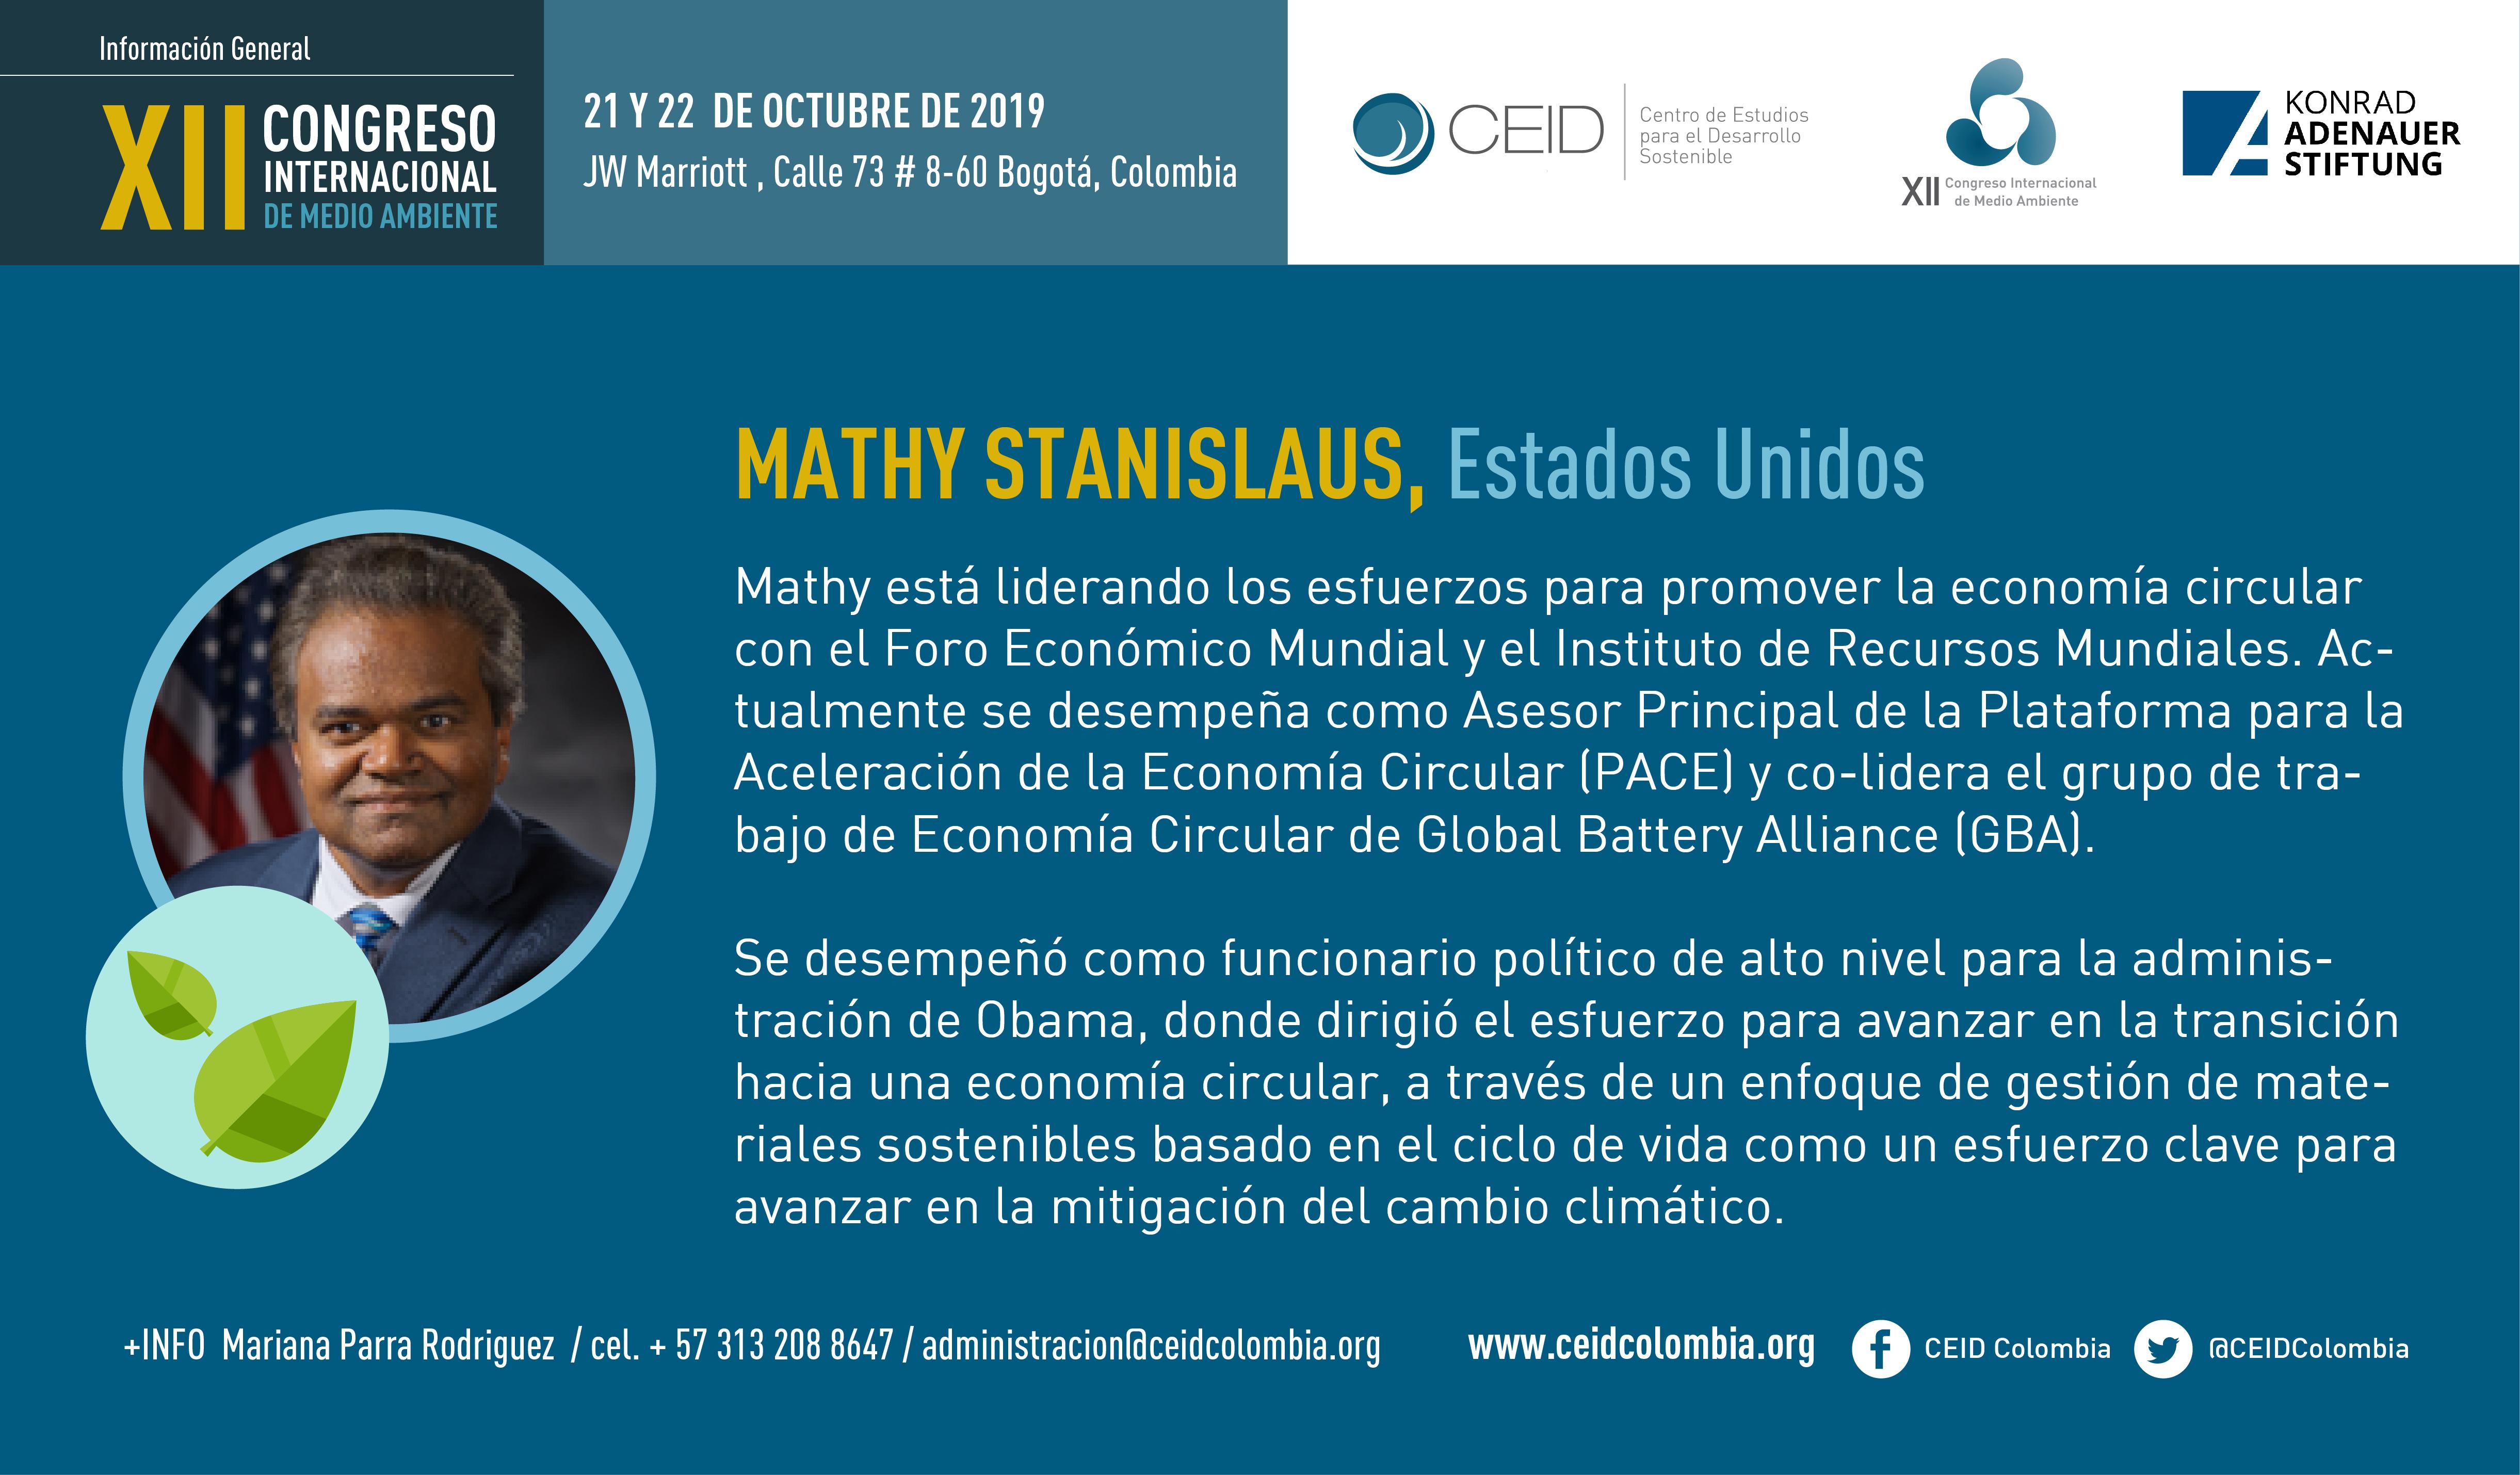 Mathy stanislaus